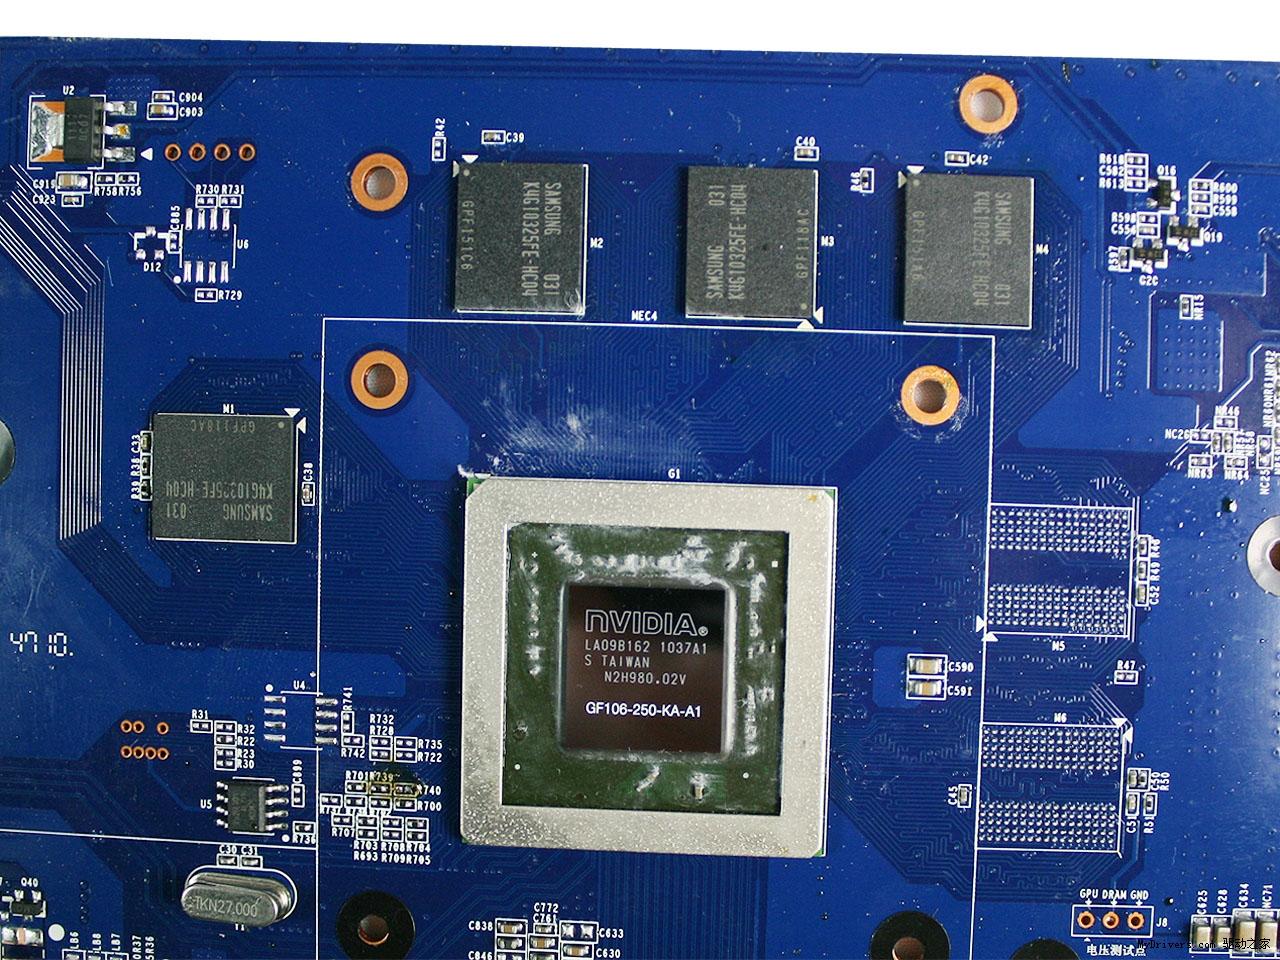 【产品拆解赏析】 显卡PCB正面,右侧是供电设计,GPU核心周围环绕着6个显存位置,不过目前盈通GTS 450游戏高手显存位宽为128bit,所以留下了2个显存空焊位。  盈通GTS 450游戏高手核心采用了40nm制程的GF106-250-KA-A1核心,显存则采用了三星0.4ns GDDR5显存,默认频率为825/1750/4000,相信显卡还会有非常大的超频空间。  PCB背面我们可以清楚的看到显卡采用了独立的Drive驱动, PWM芯片采用了UPI的uP6218,最高支持8相供电设计,而盈通GTS